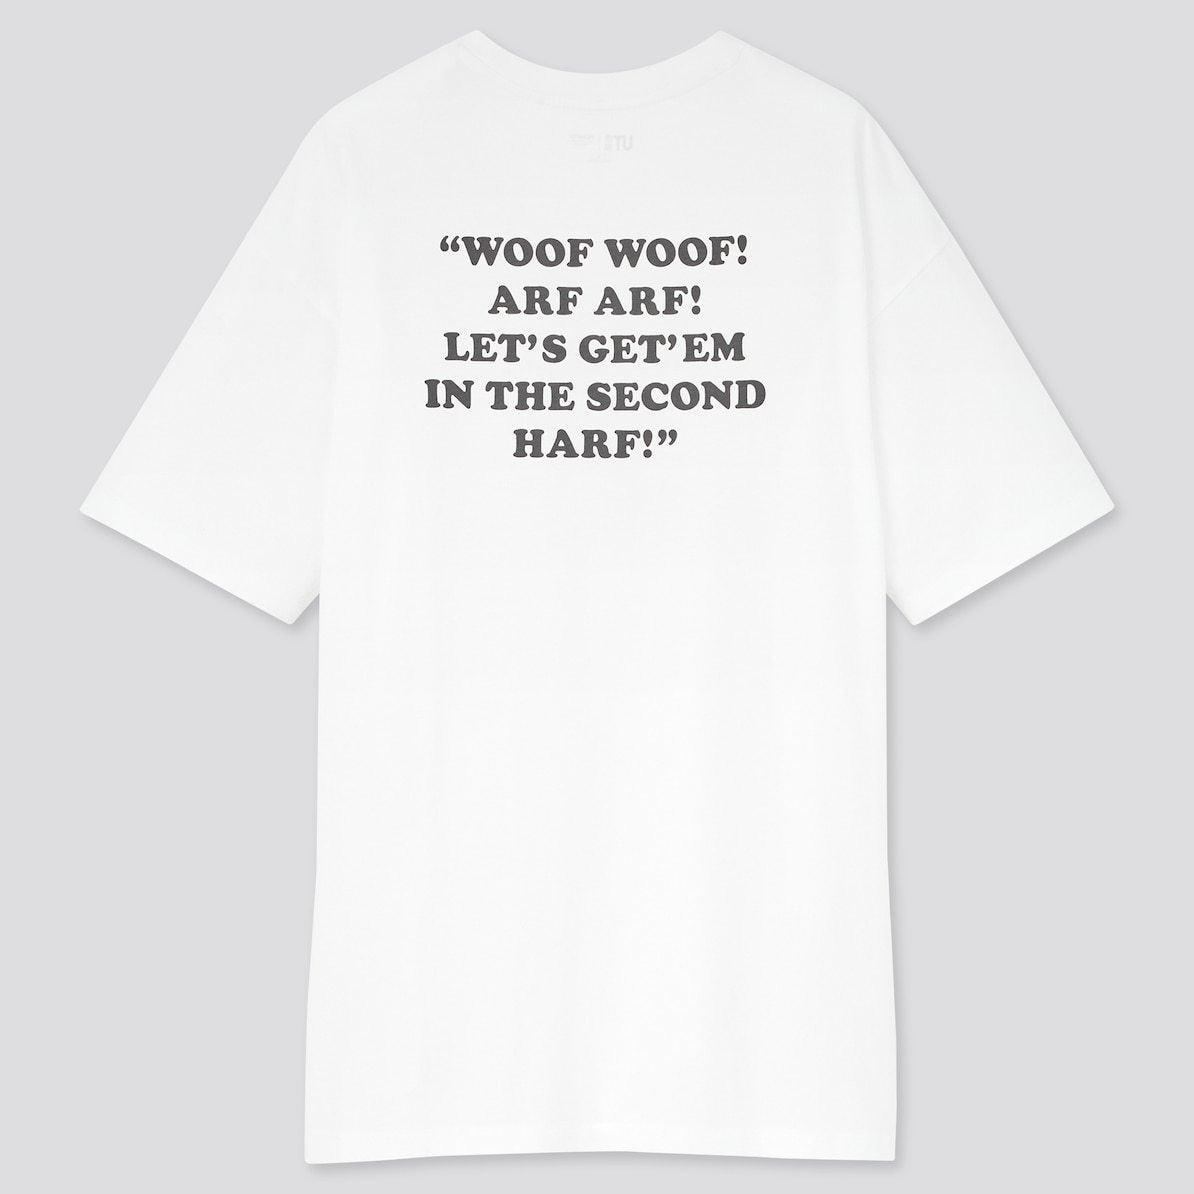 ユニクロ UNIQLO UT Tシャツ ユーティー スヌーピー ピーナッツ SNOOPY PEANUTS ヴィンテージ VINTAGE コラボ 新作 トップス おすすめ レディース 女性 白T 背中